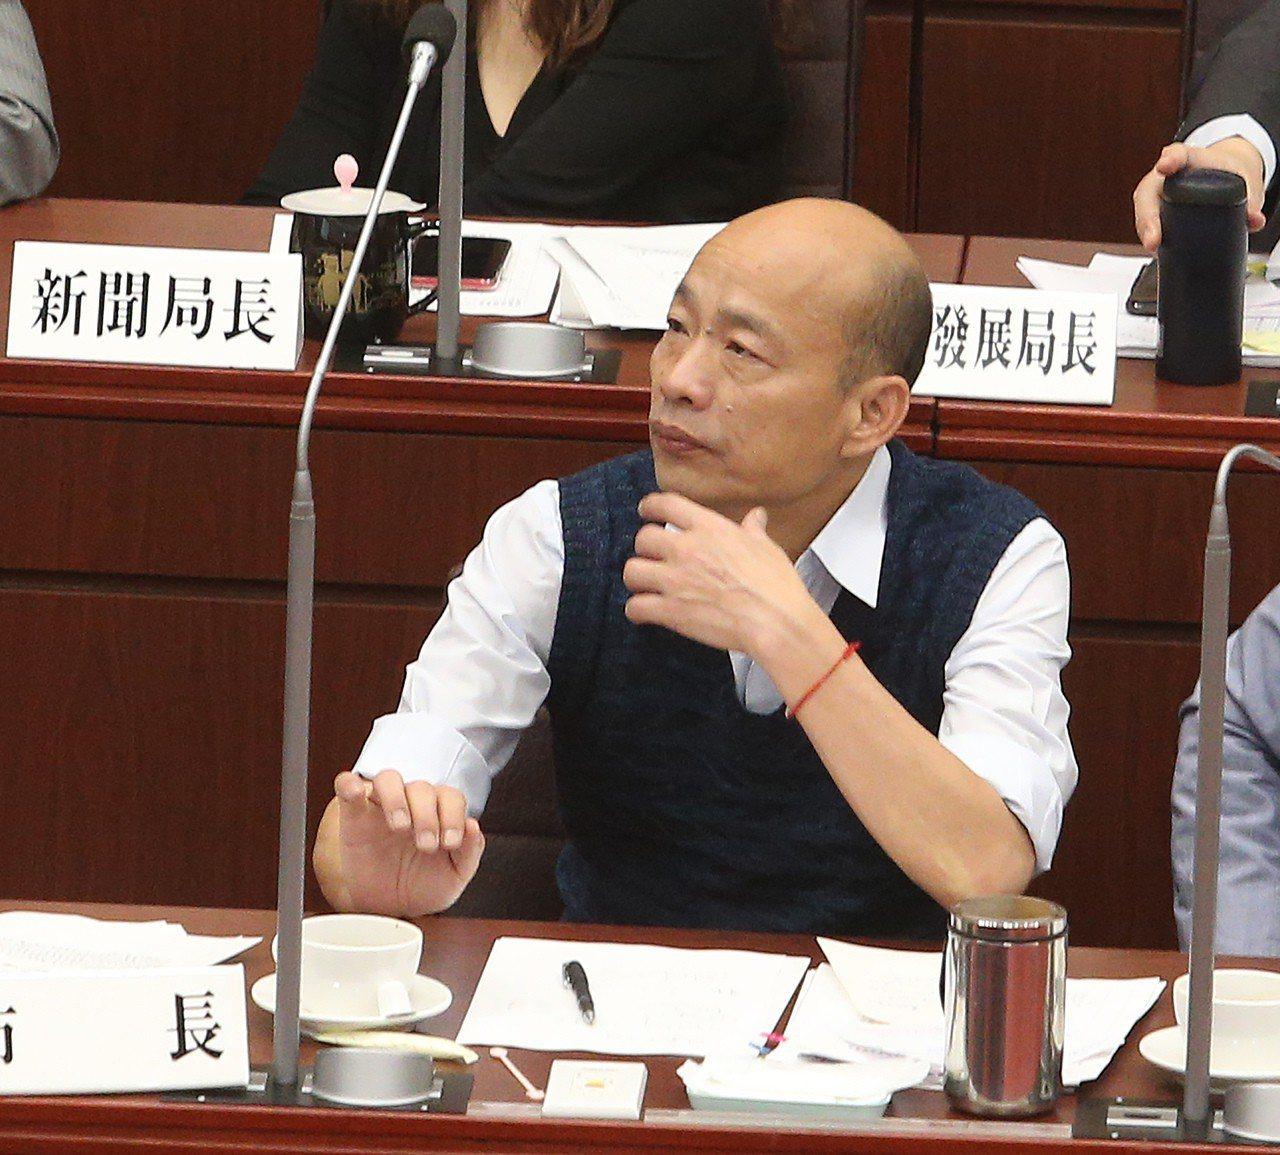 高雄市今年第一季車禍死亡64人,較去年同期增加逾2倍,韓國瑜今天議會答詢坦言「首...